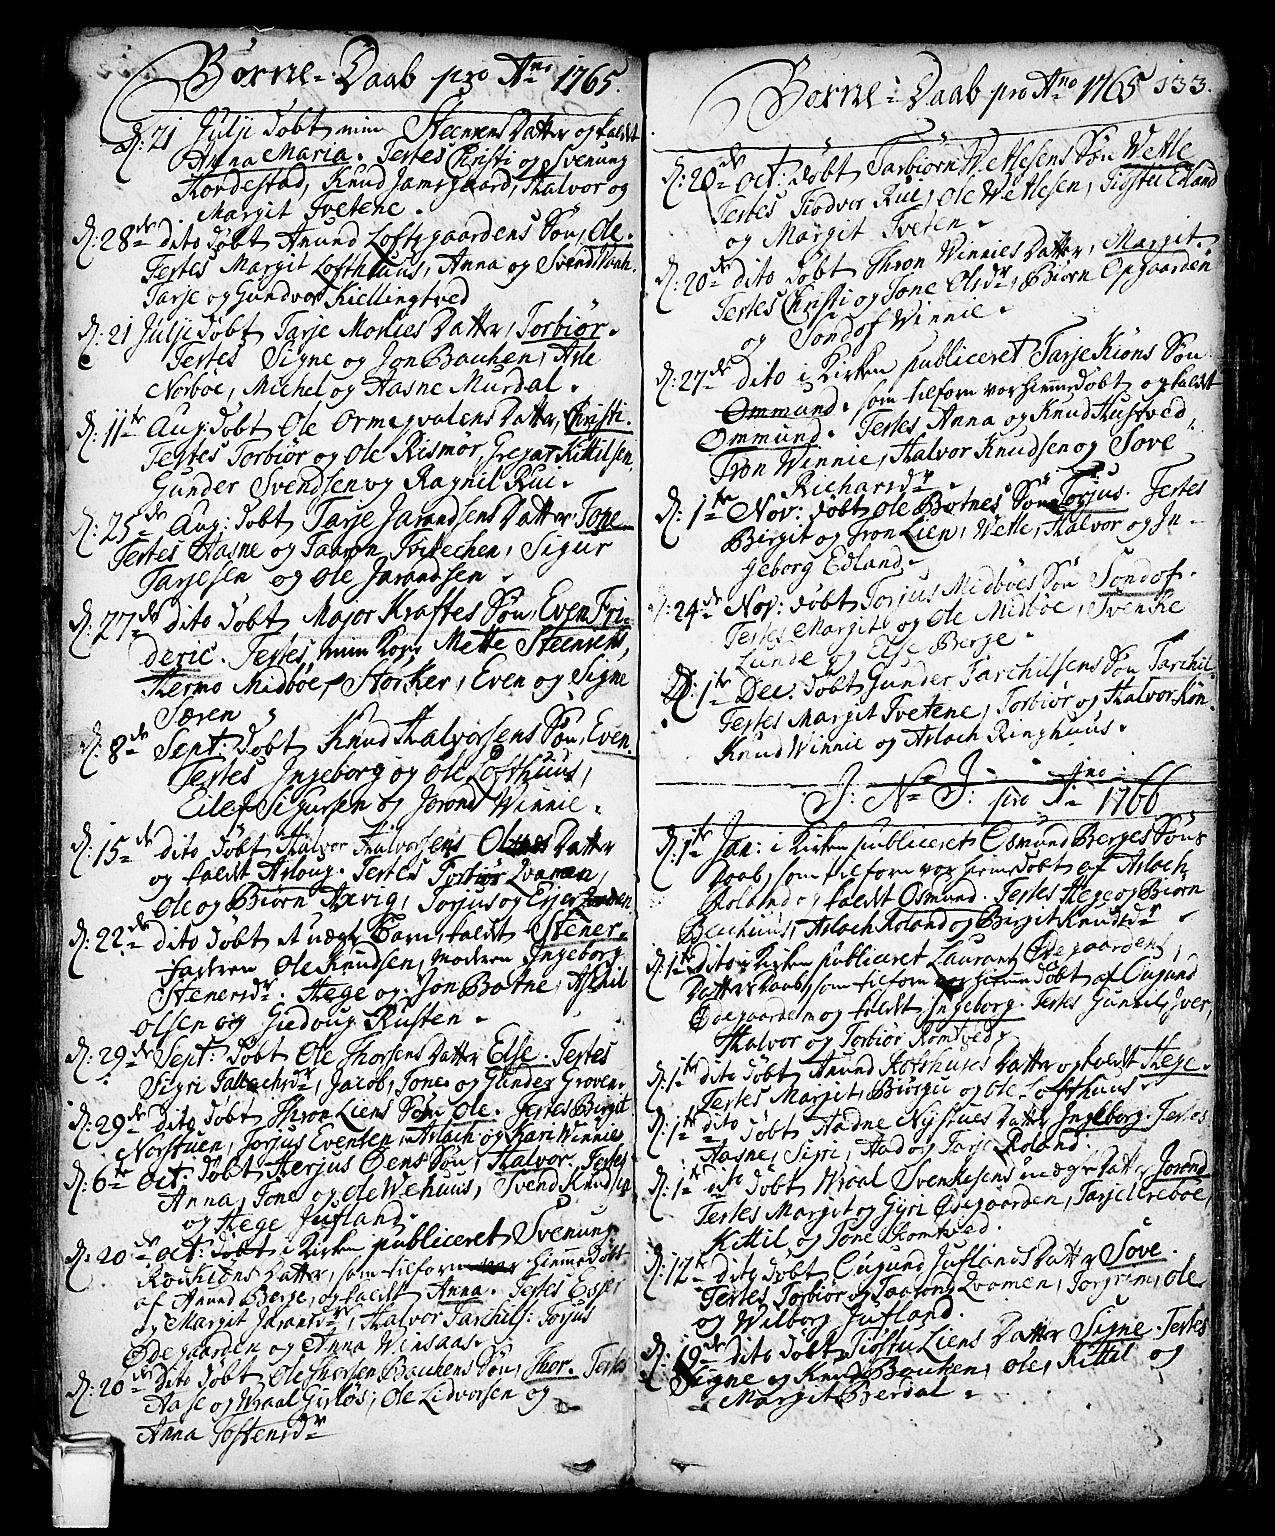 SAKO, Vinje kirkebøker, F/Fa/L0001: Ministerialbok nr. I 1, 1717-1766, s. 133